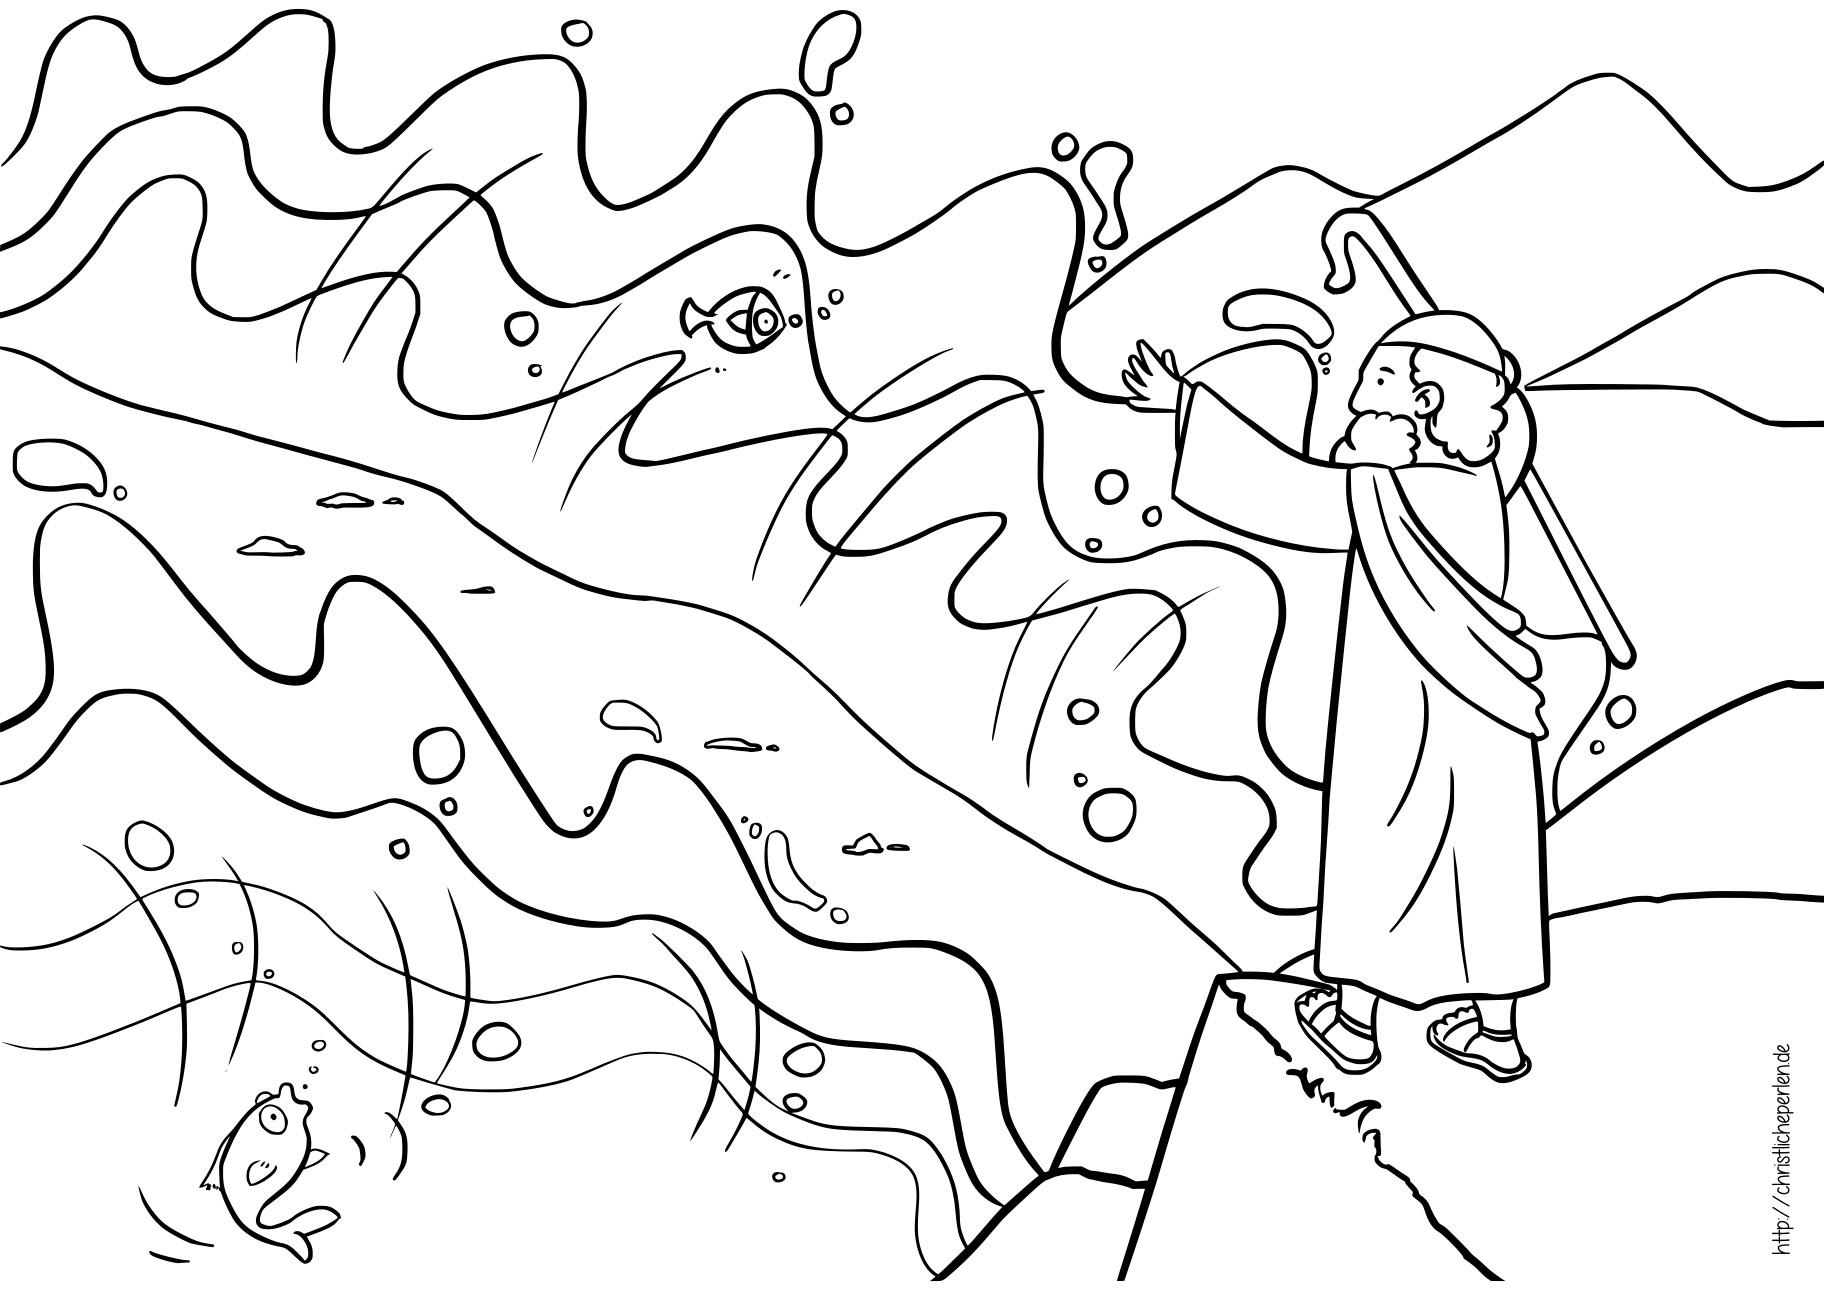 Ausmalbilder Weihnachten Christlich Genial Moses Und Der Brennende Busch Malvorlagen Genial Bilder